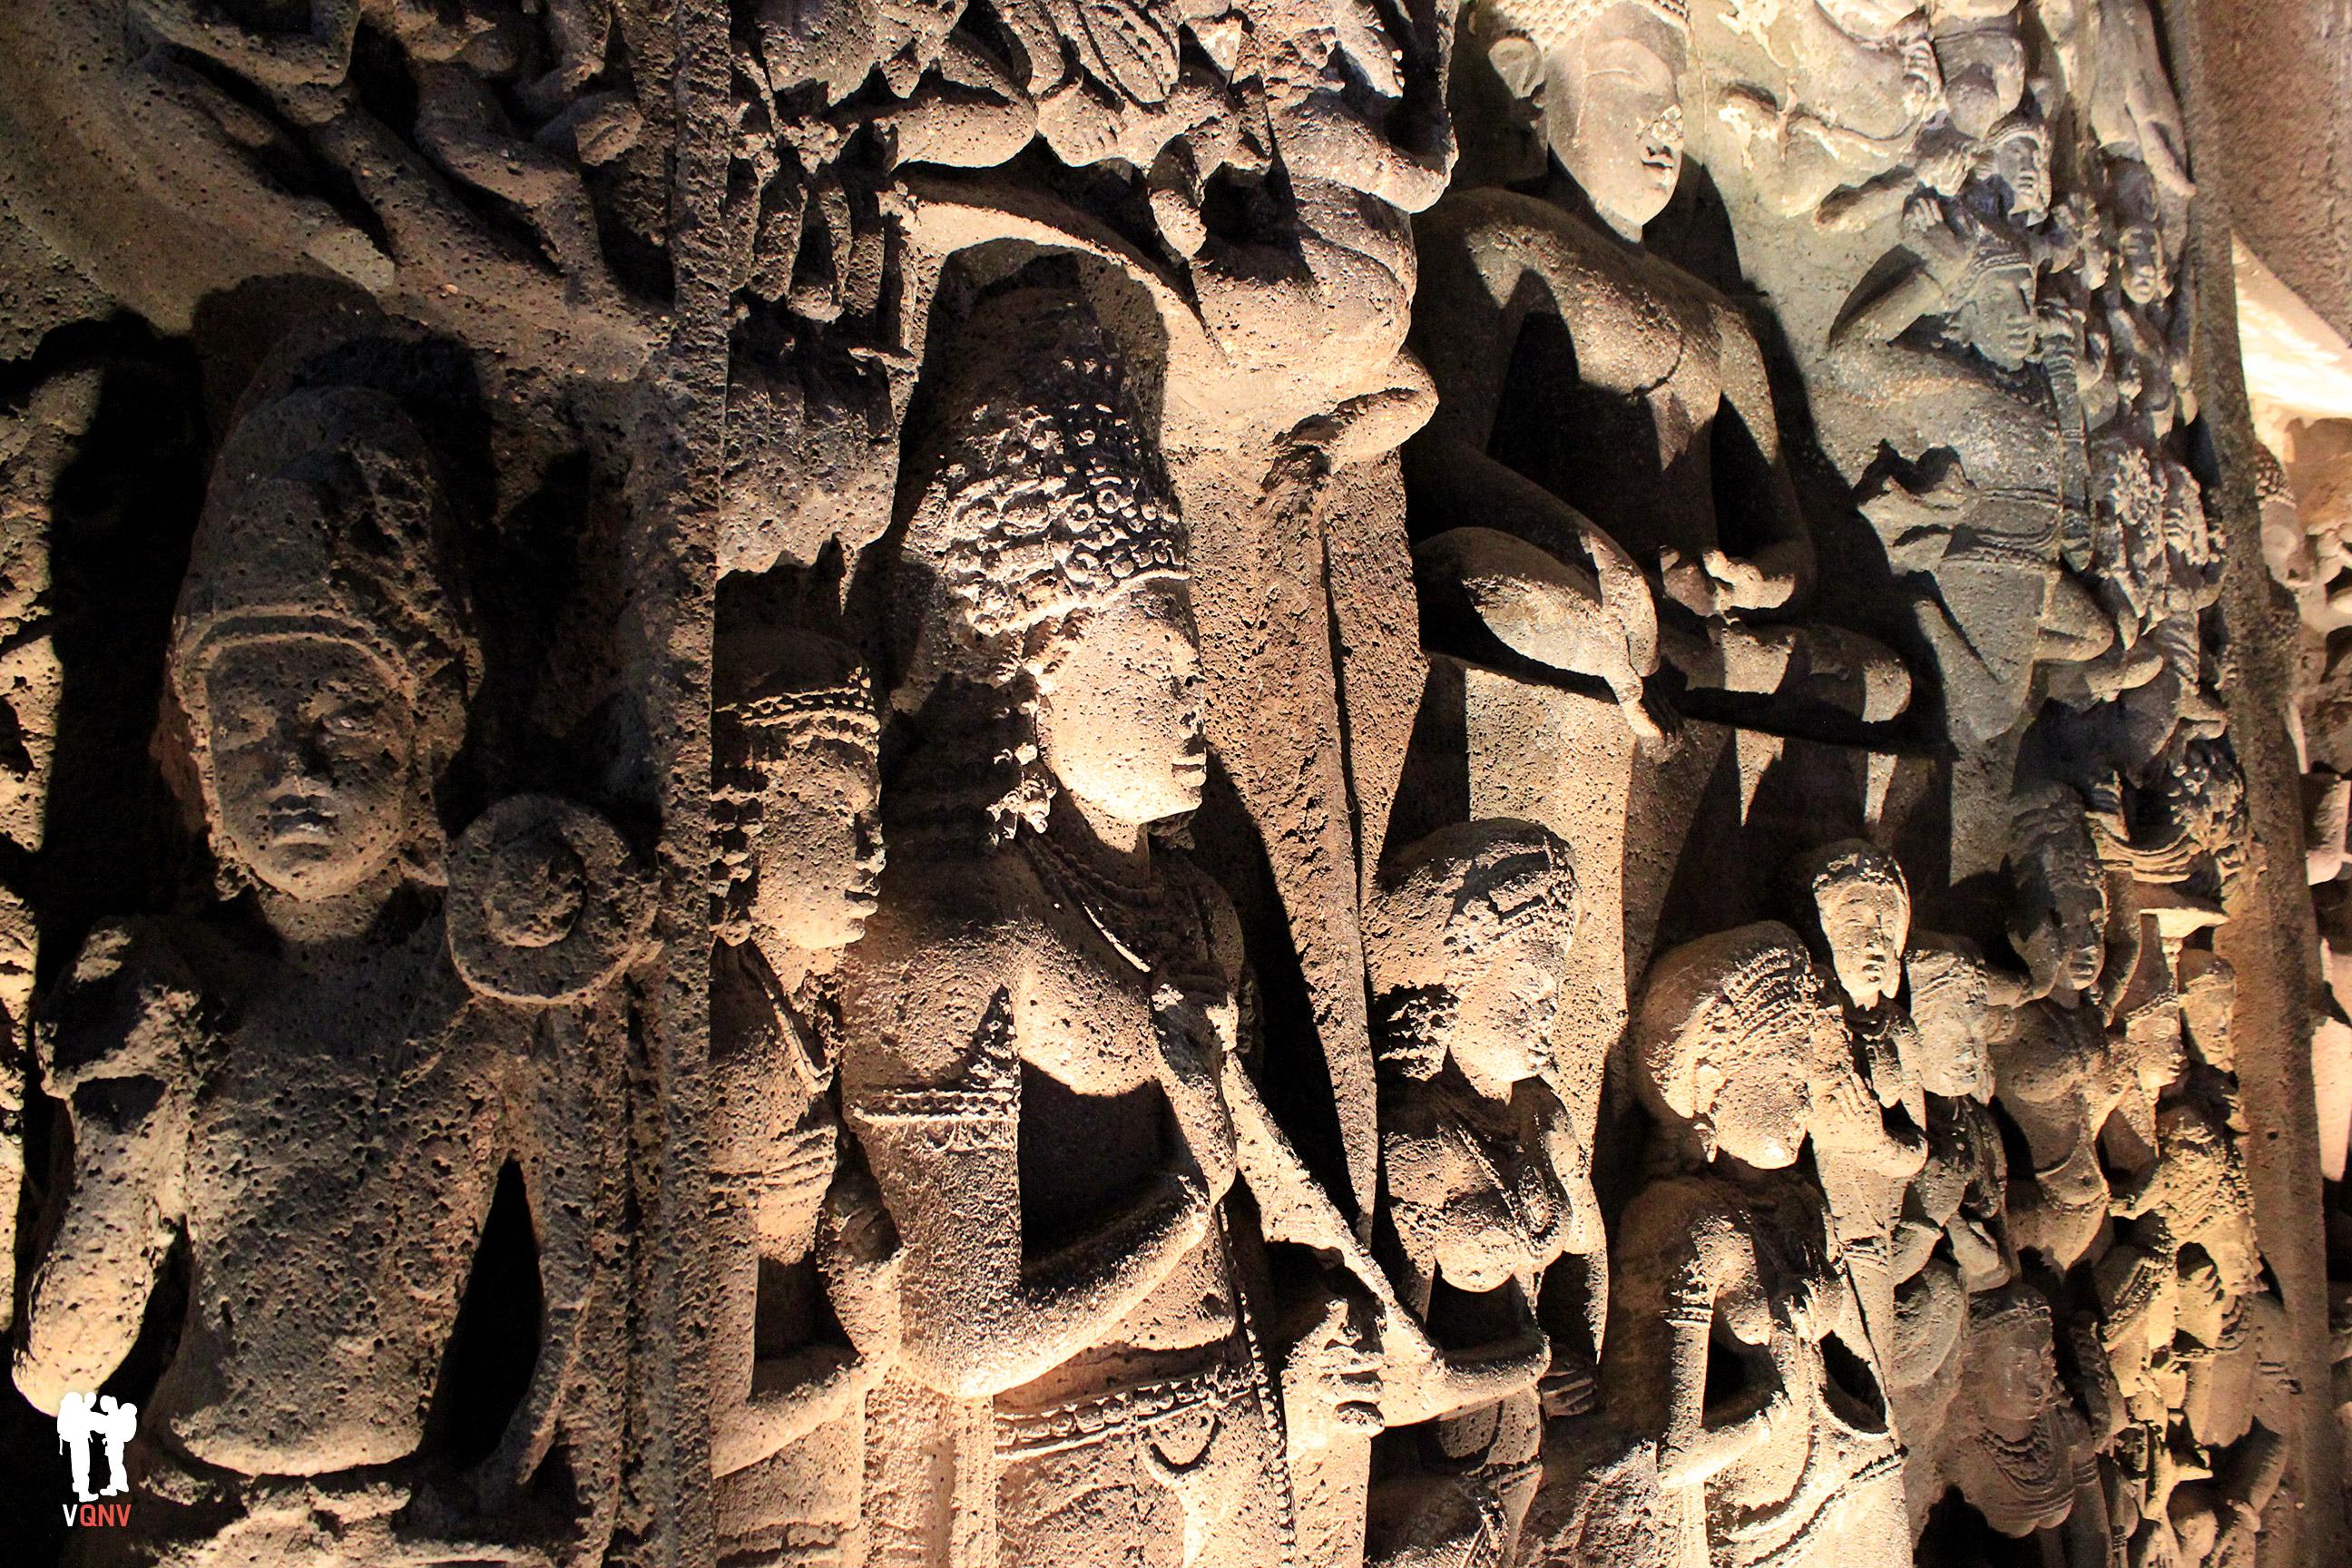 Figuras esculpidas en el interior de las cuevas de Ajanta